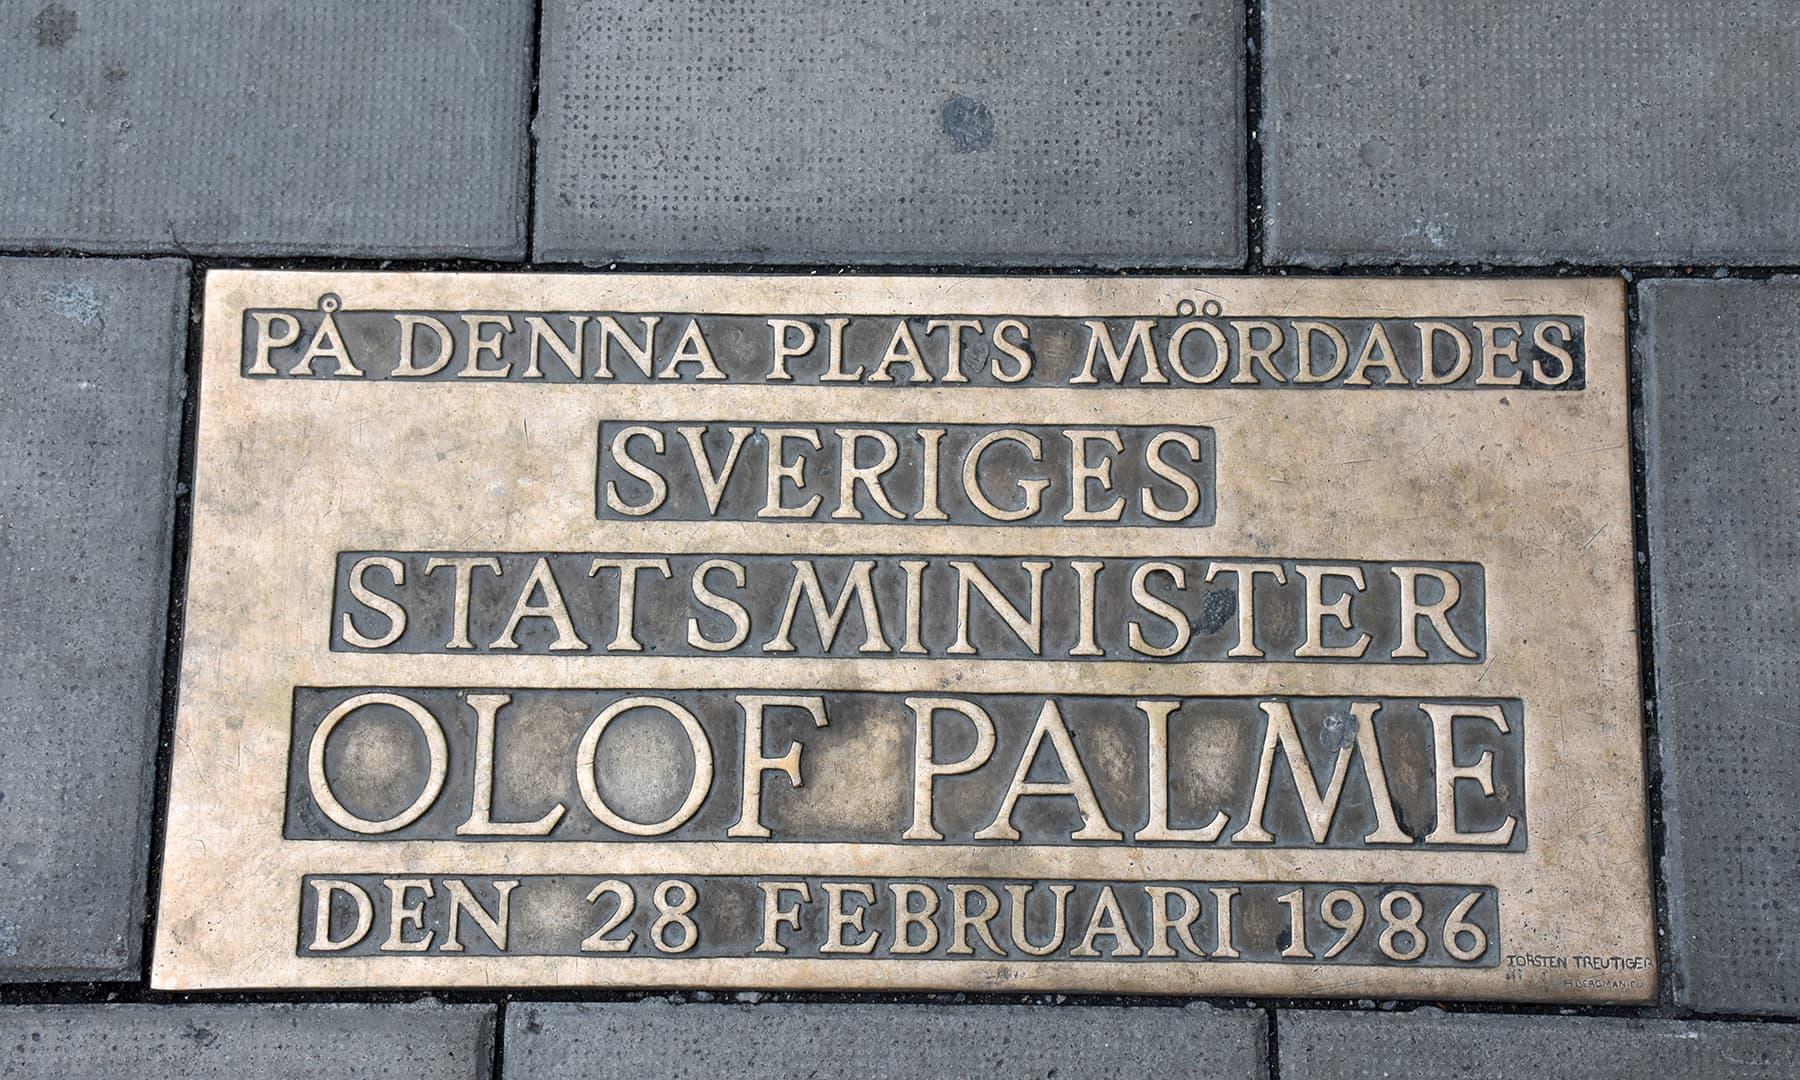 وہ جگہ جہاں اولف پالمے کو قتل کیا گیا، یہاں یادگار کے طور پر ایک تختی نصب ہے—تصویر رمضان رفیق